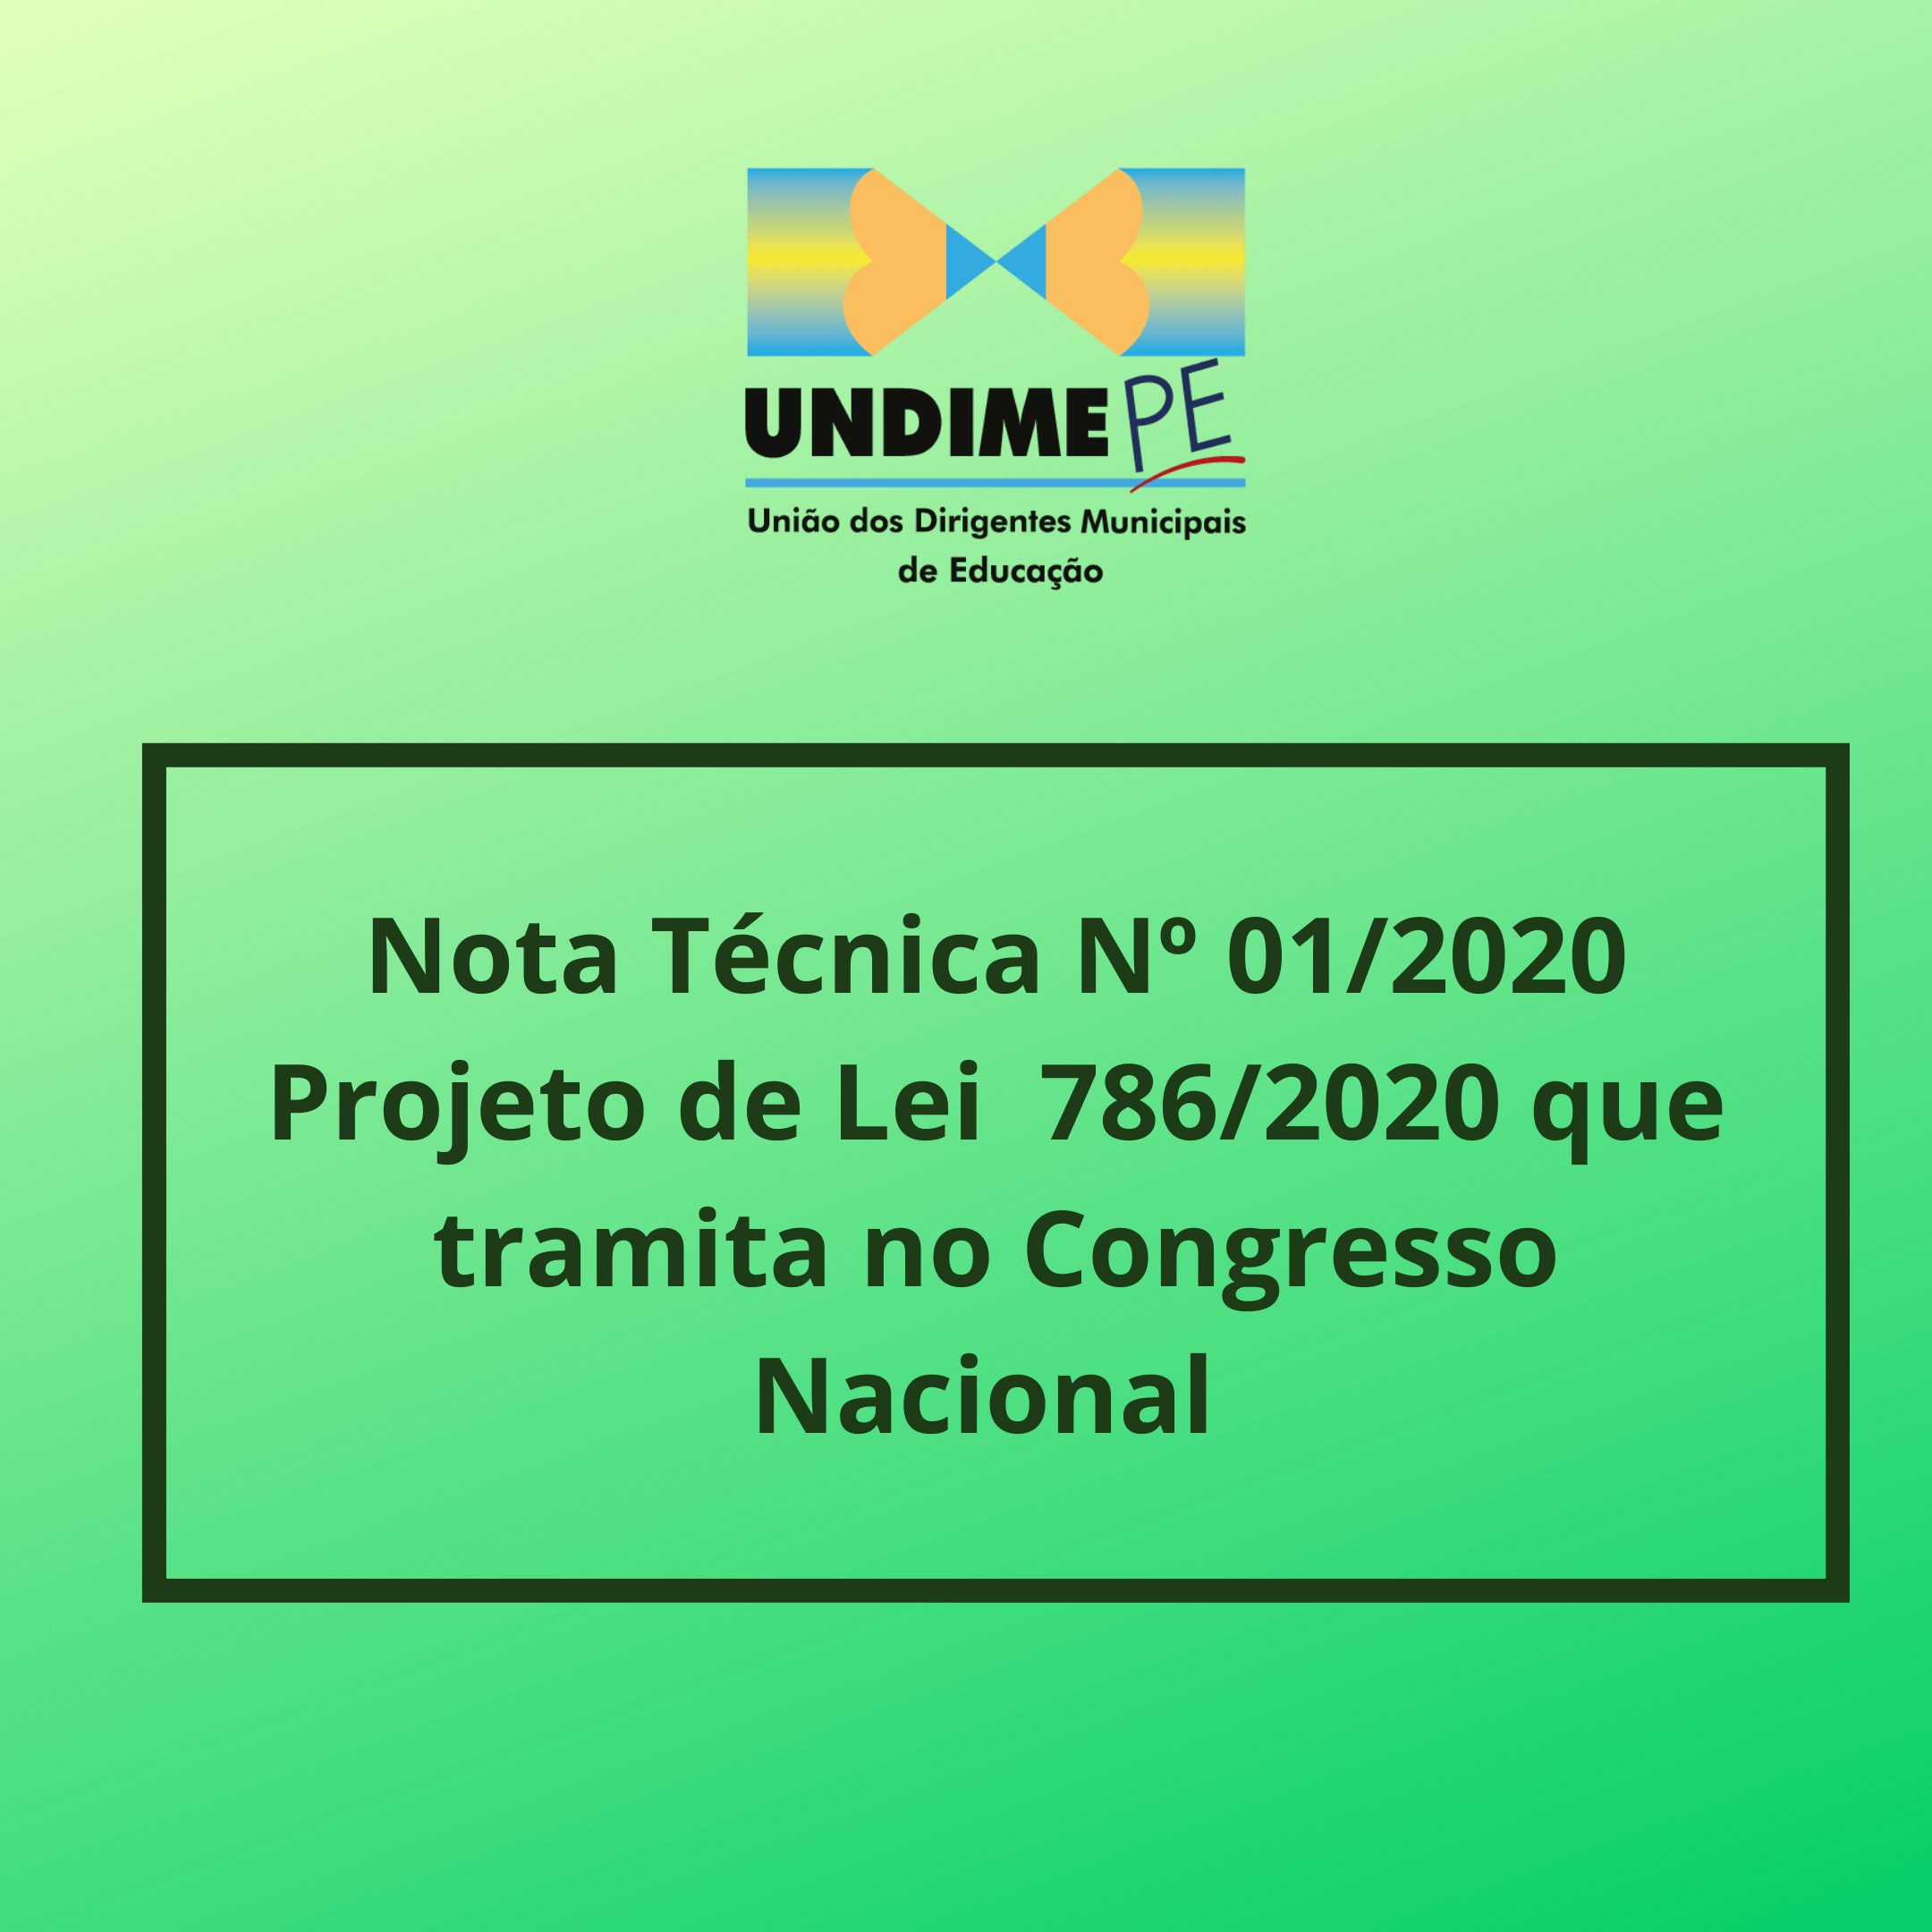 Undime Pernambuco publica Nota Técnica 01/2020 referente o PL 786/2020 que tramita no Congresso Nacional